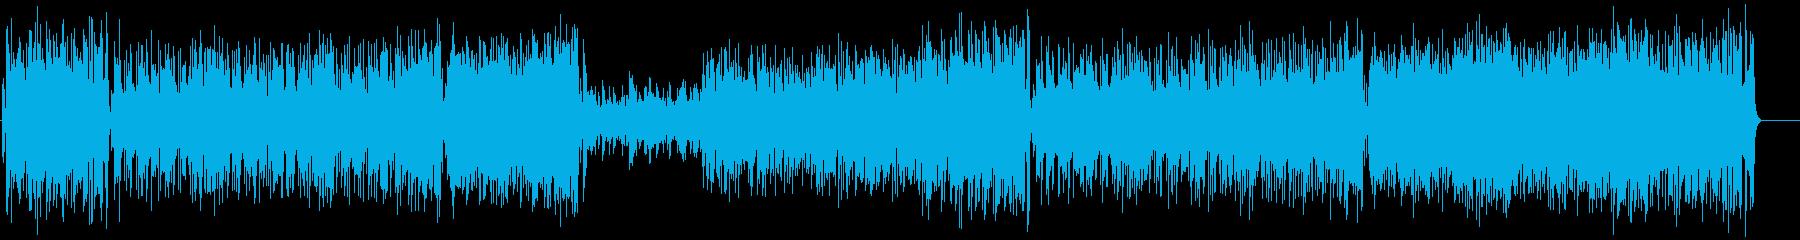 しなやかなフレーズのライト・フュージョンの再生済みの波形